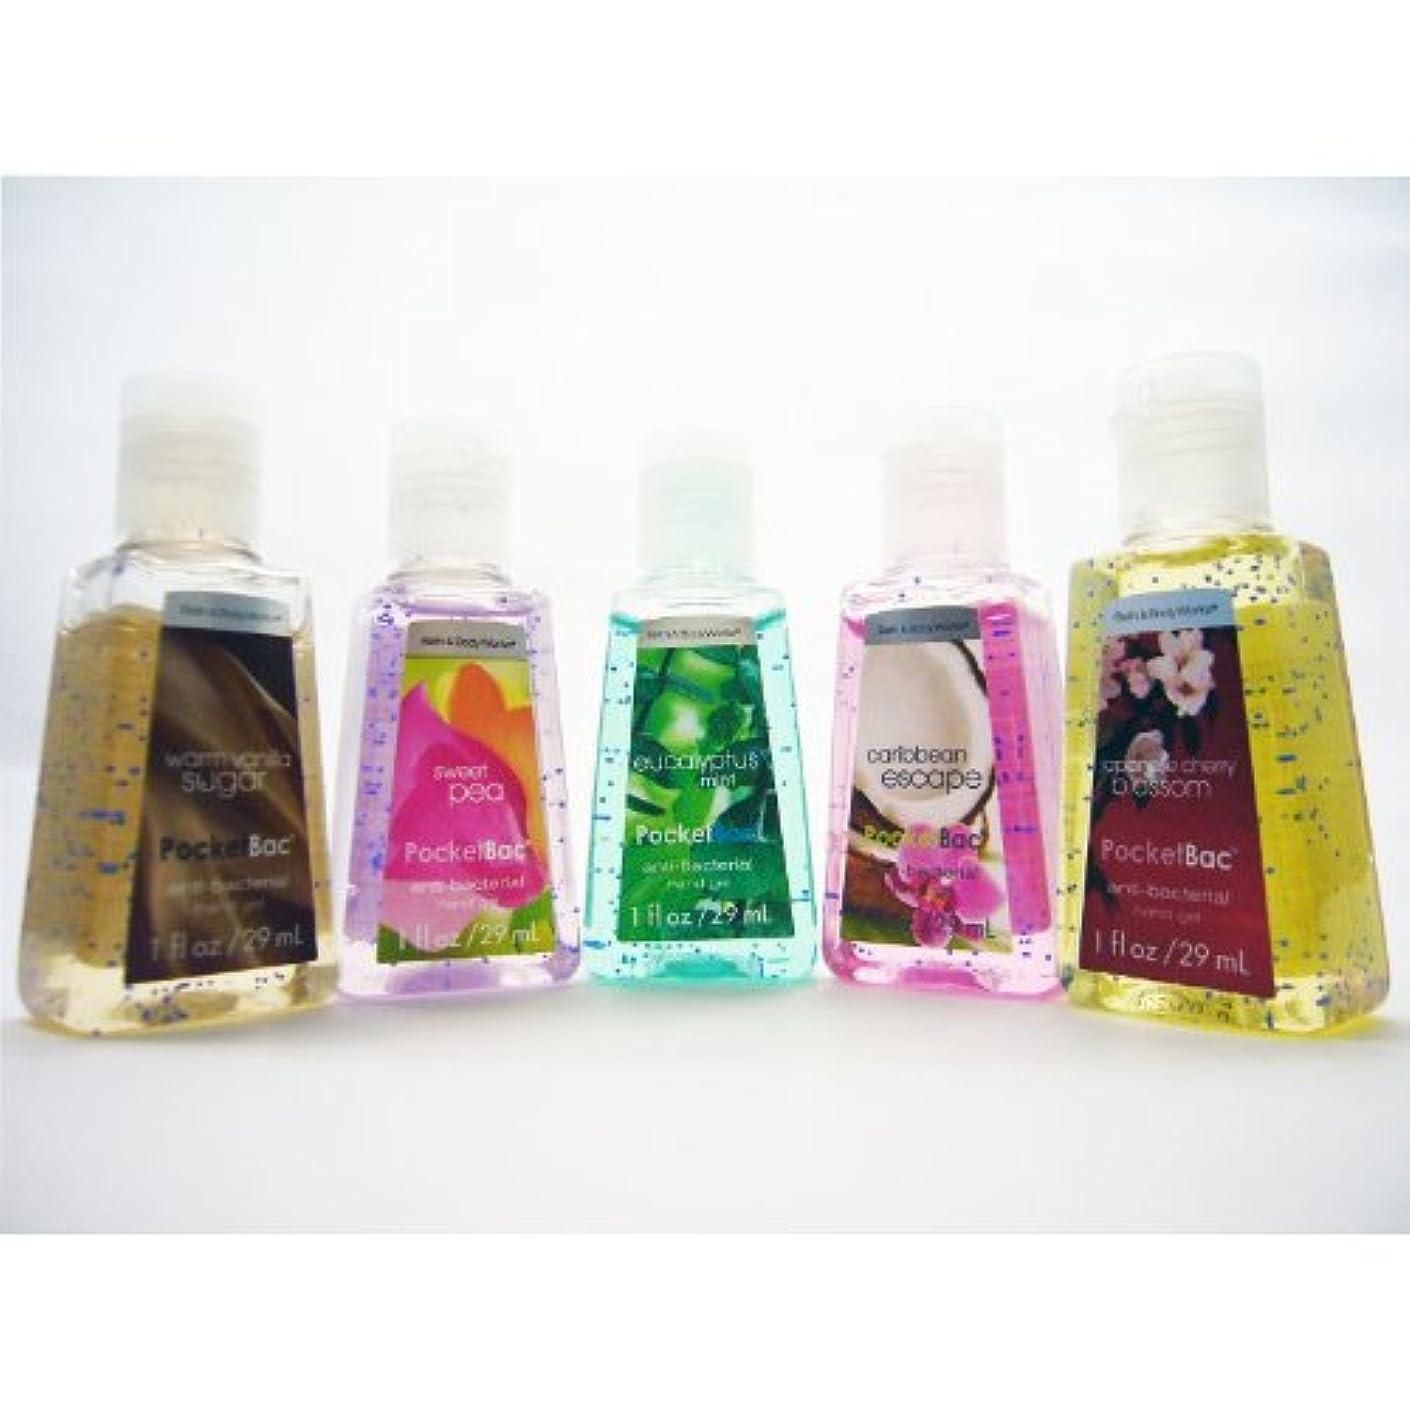 ミリメーターパケット焼く水の使えないところで手を洗える消毒ジェル Bath & Body Worksアンチバクテリアハンドジェルとホルダー1個付(並行輸入品)